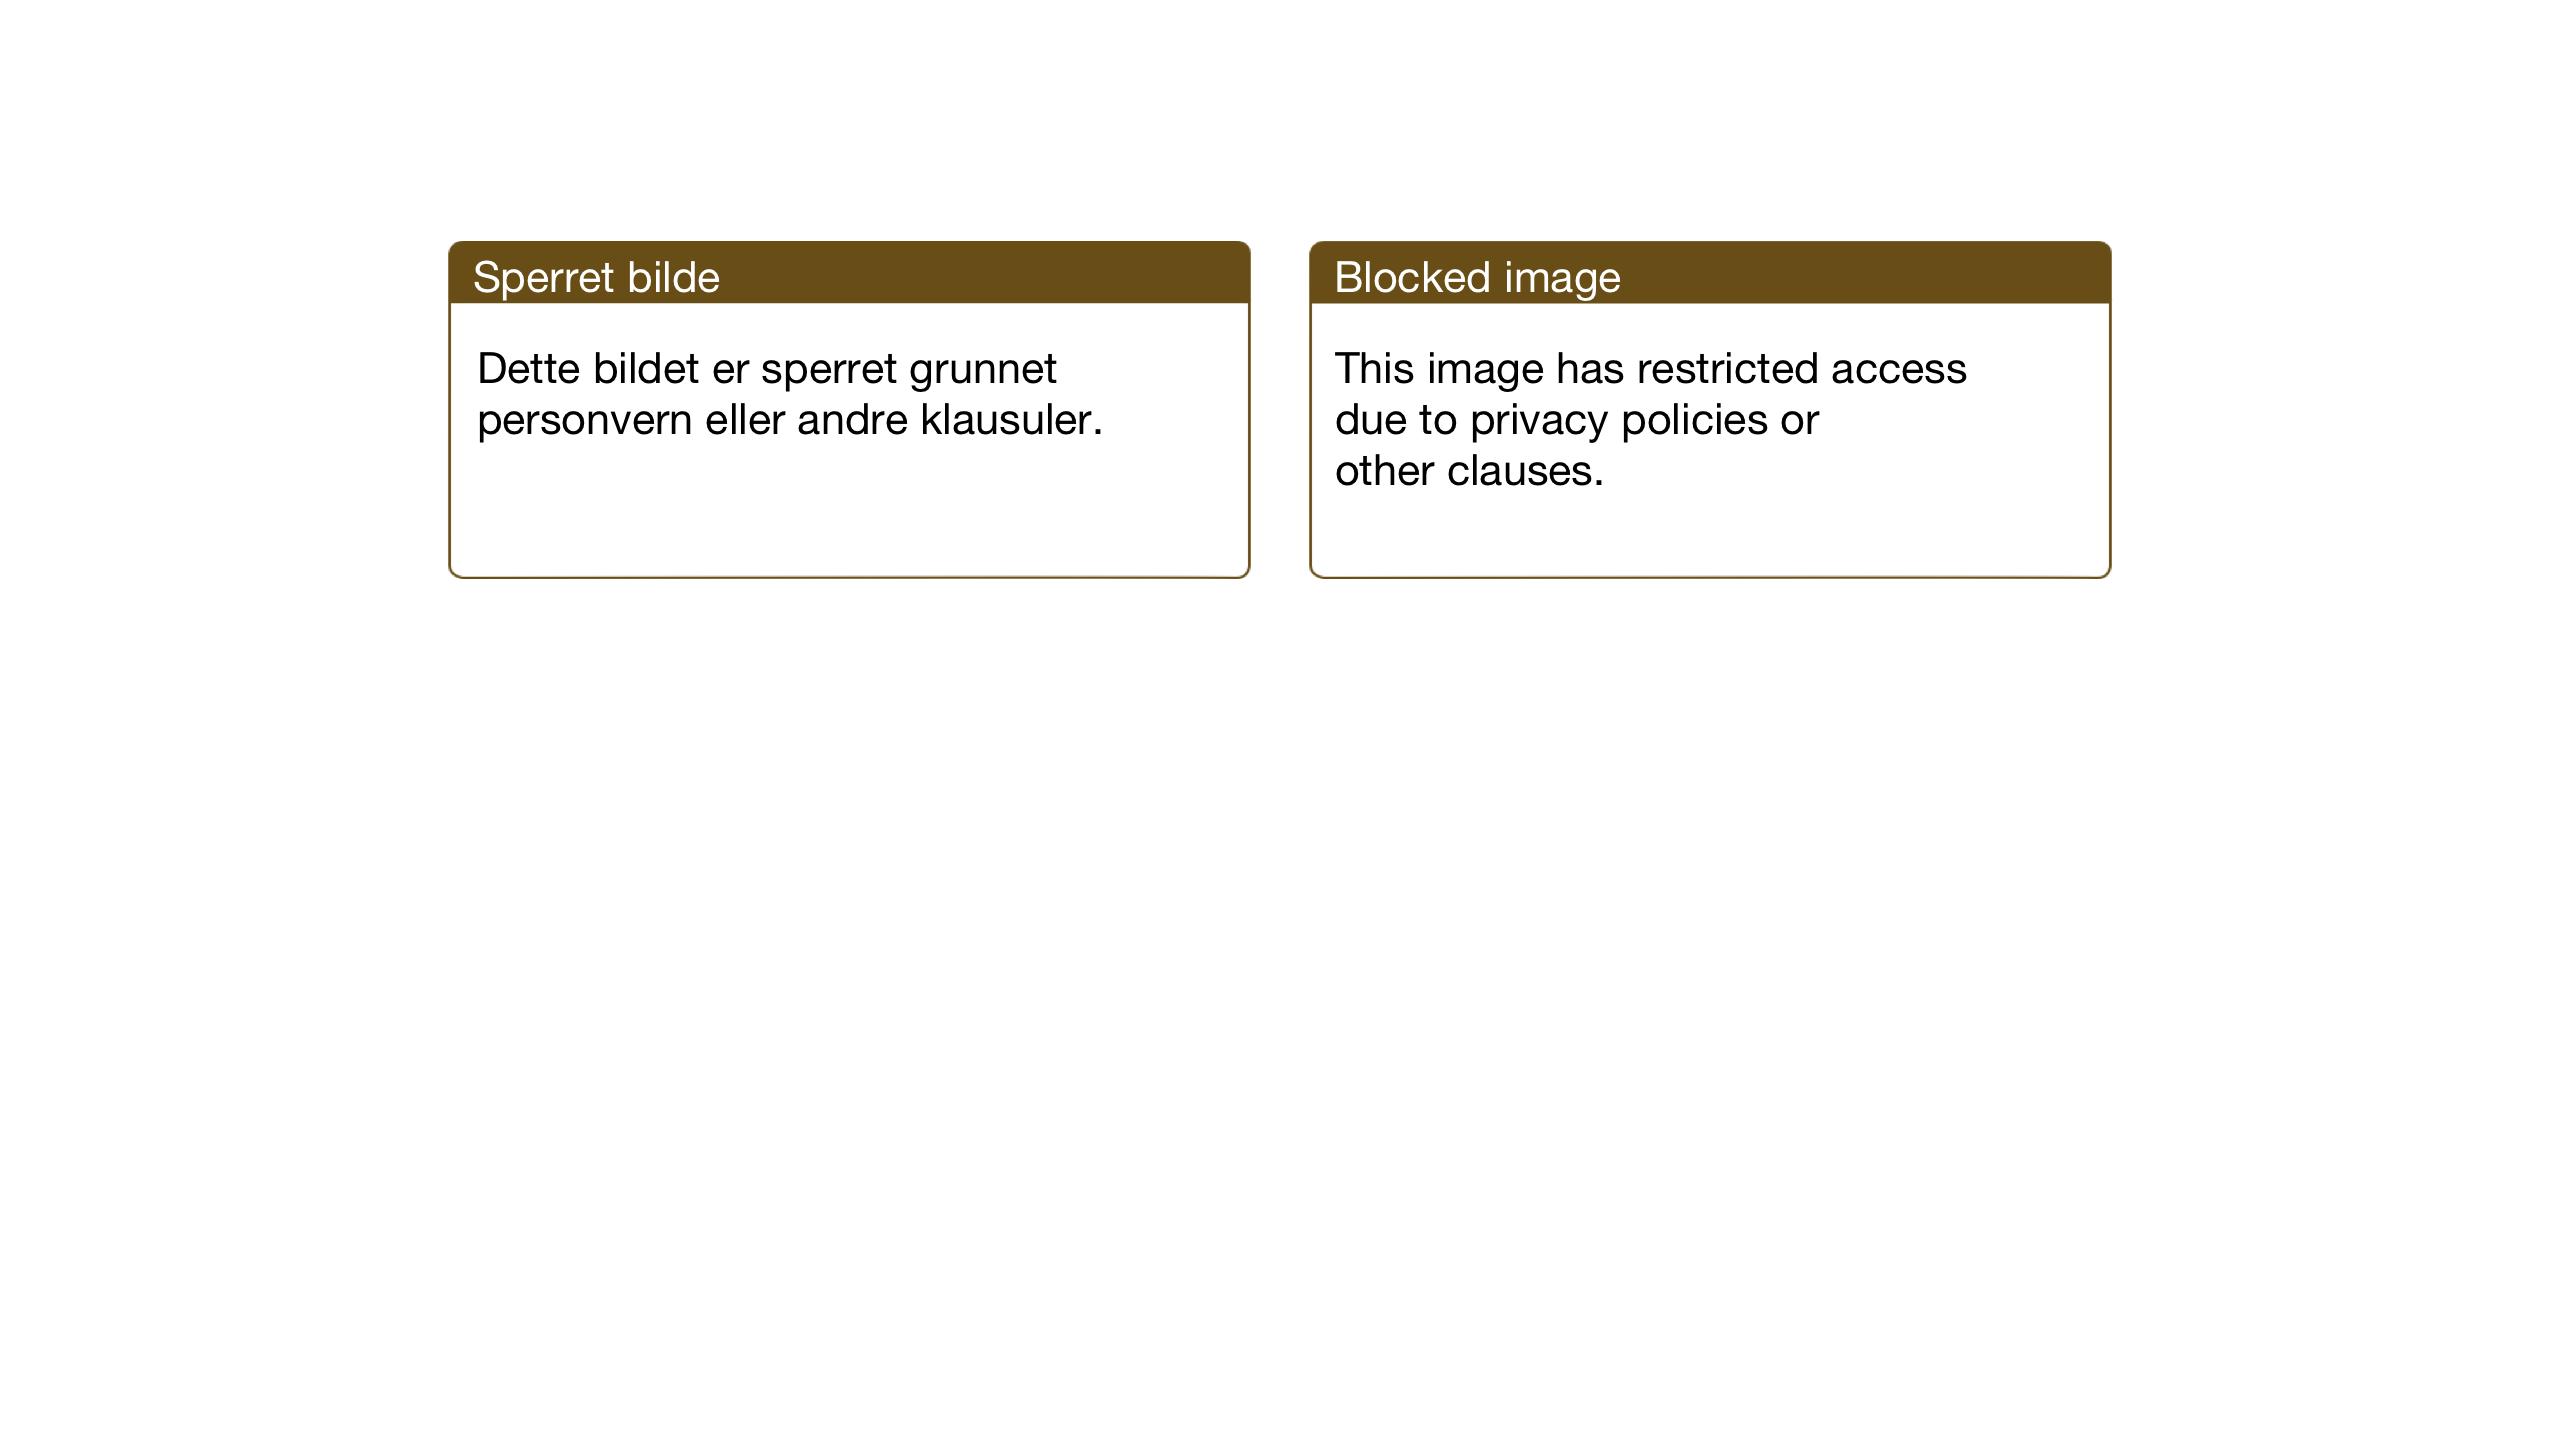 SAT, Ministerialprotokoller, klokkerbøker og fødselsregistre - Sør-Trøndelag, 638/L0569: Klokkerbok nr. 638C01, 1923-1961, s. 224